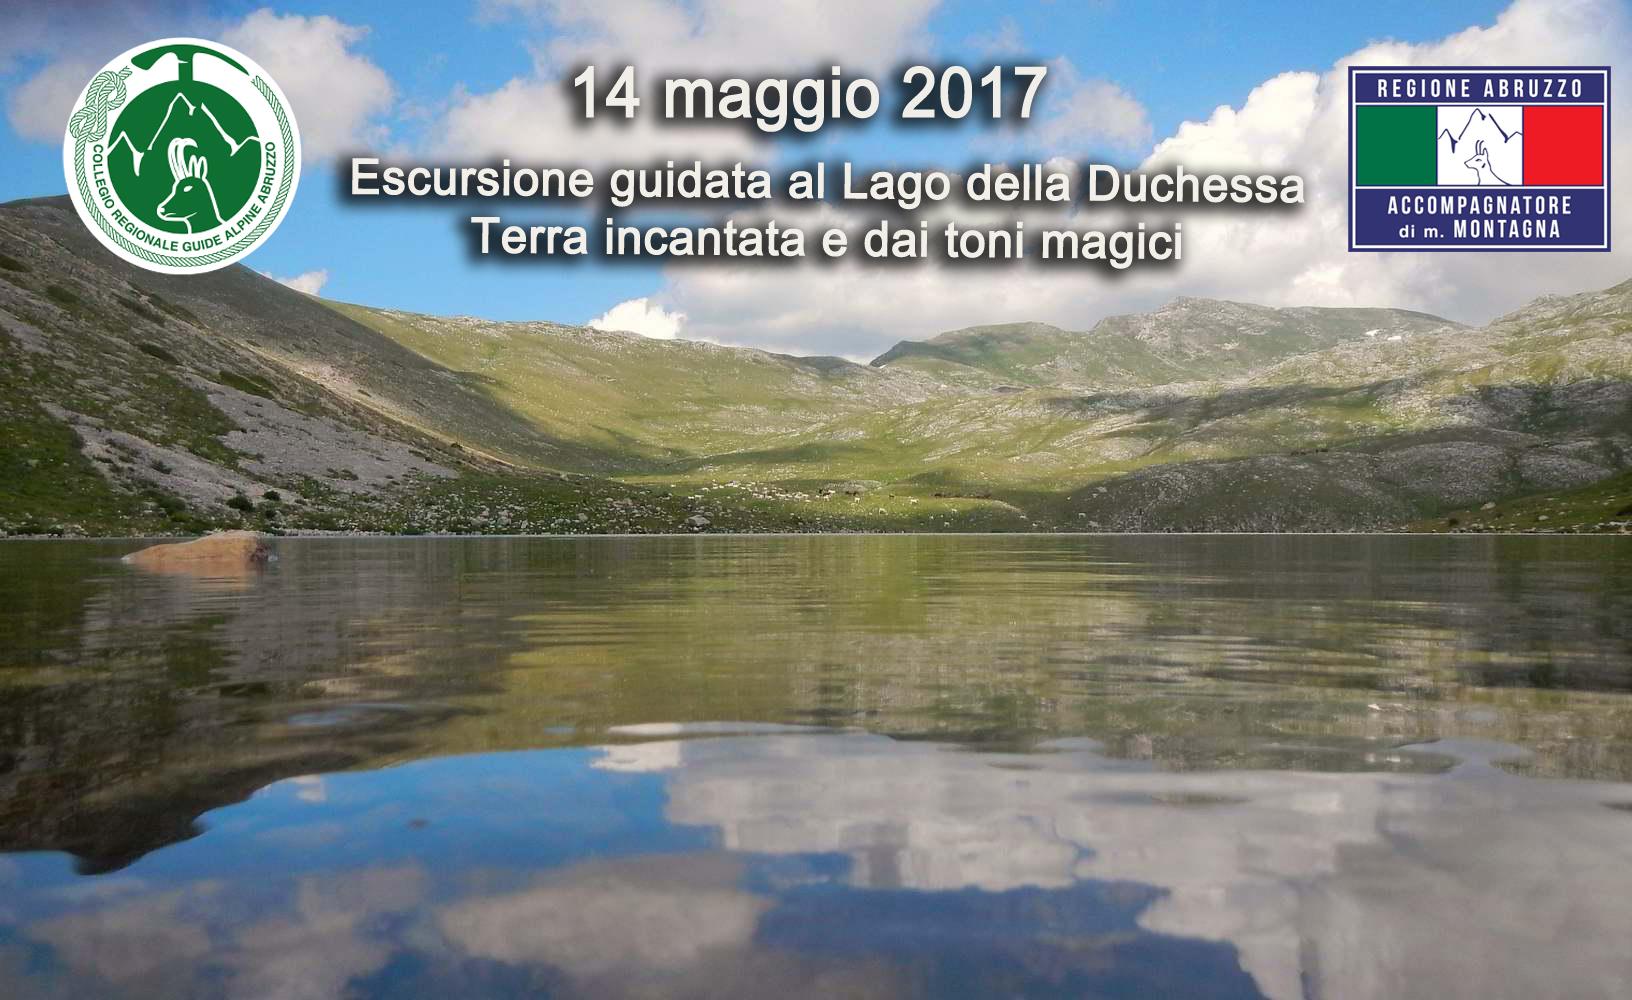 Escursione guidata al lago della duchessa for Planimetrie della cabina del lago